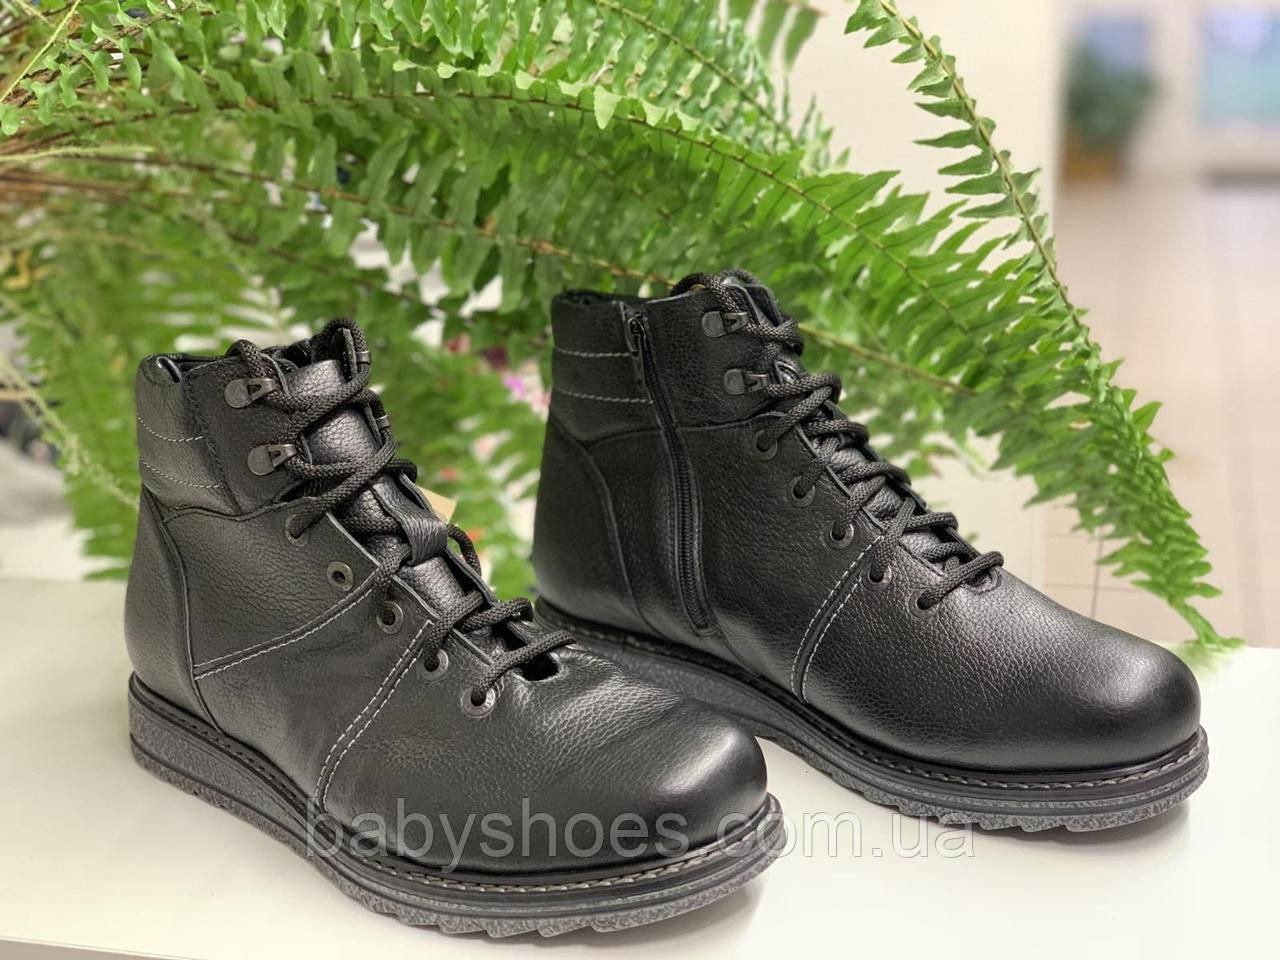 Мужские зимние ботинки Берегиня кожа р.41, 42, мод.2132